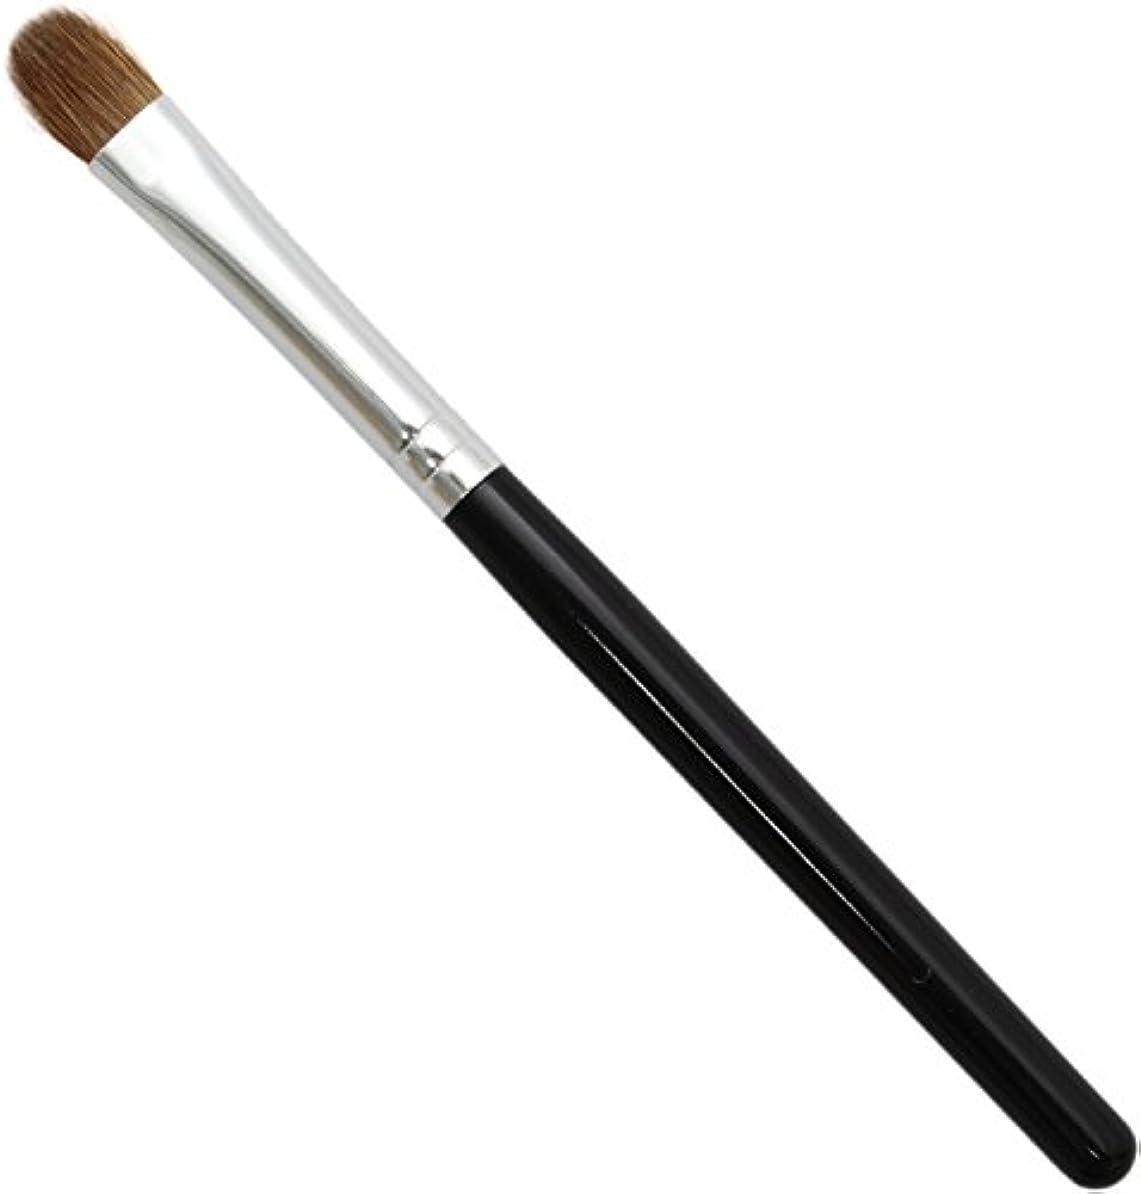 ラバ飲食店エロチック熊野筆 メイクブラシ KUシリーズ アイシャドウブラシ 小 イタチ毛